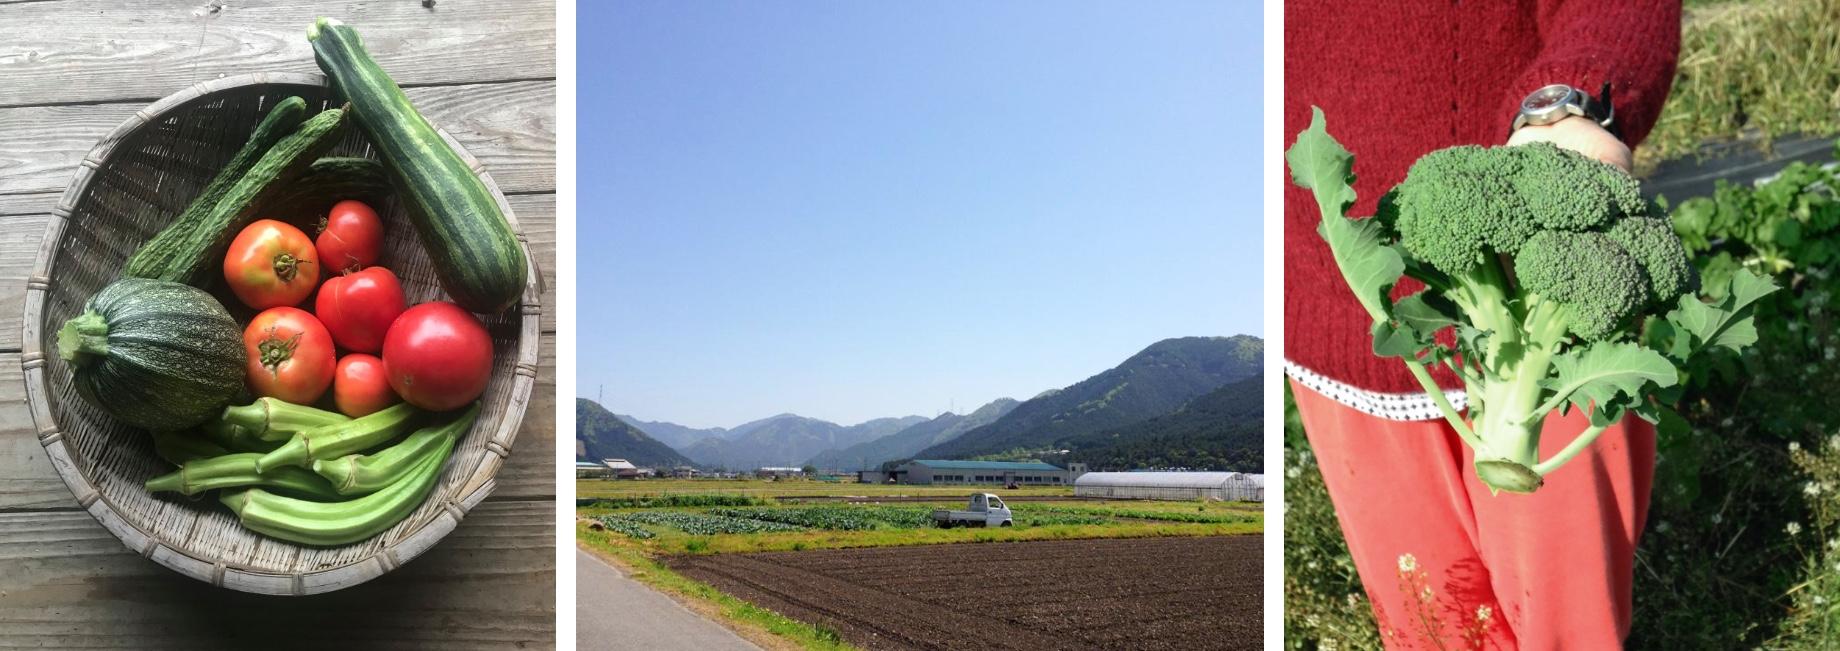 畑で収穫した野菜